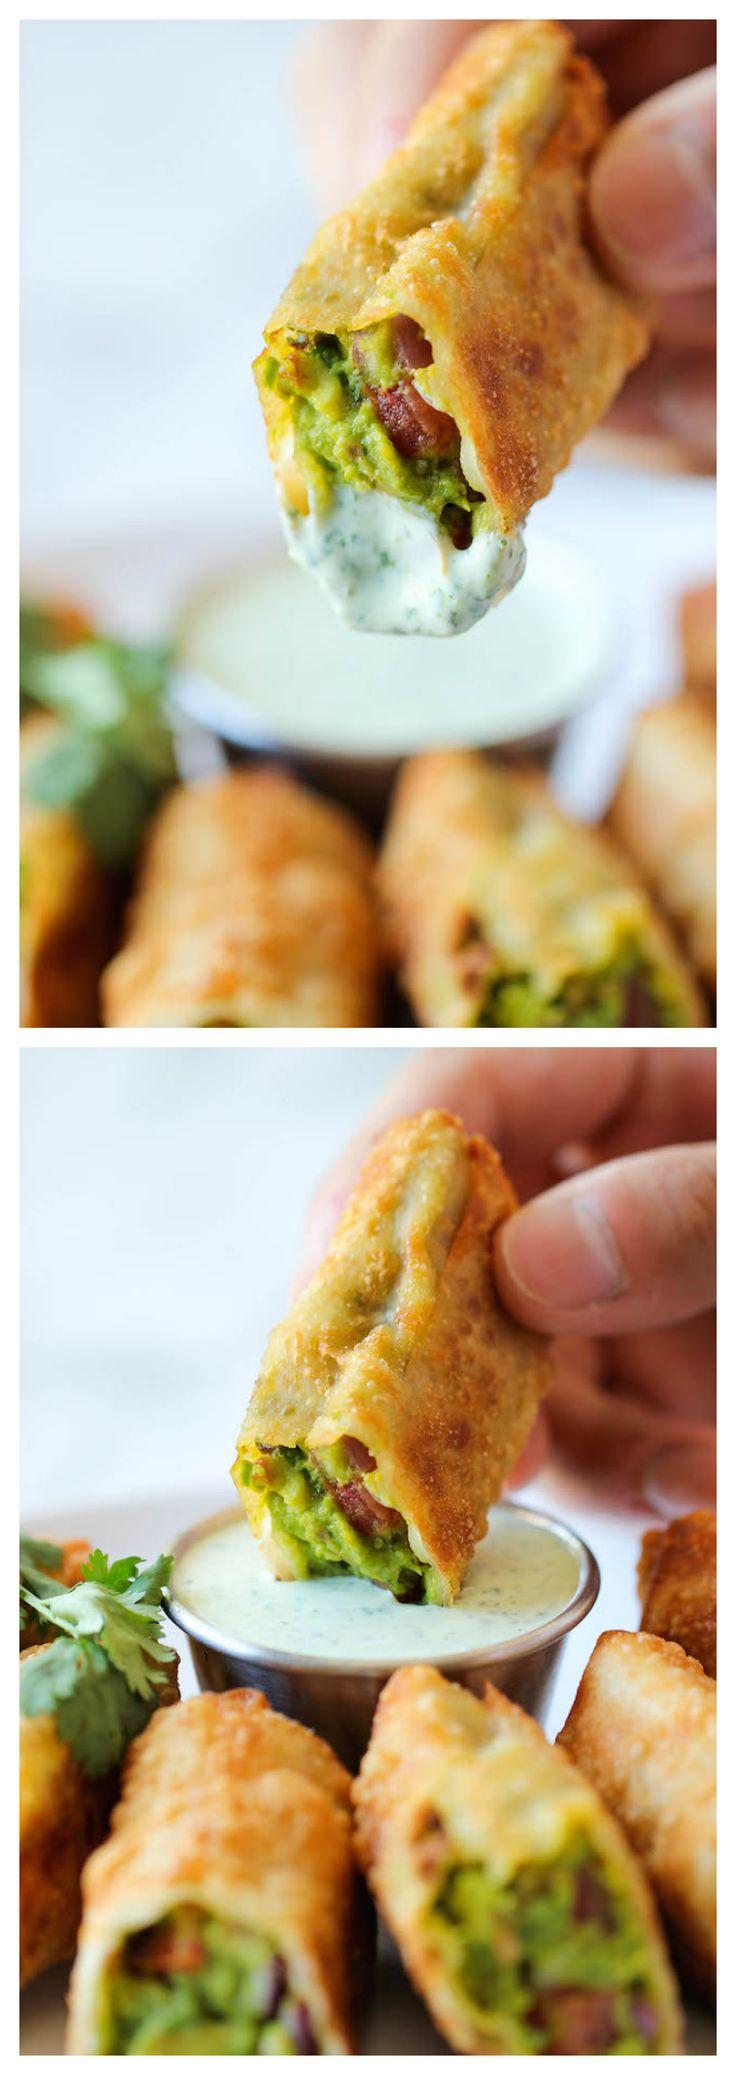 Cheesecake Factory Copycat Avocado Egg Rolls with Cilantro Dipping Sauce via Damn Delicious #appetizer #party